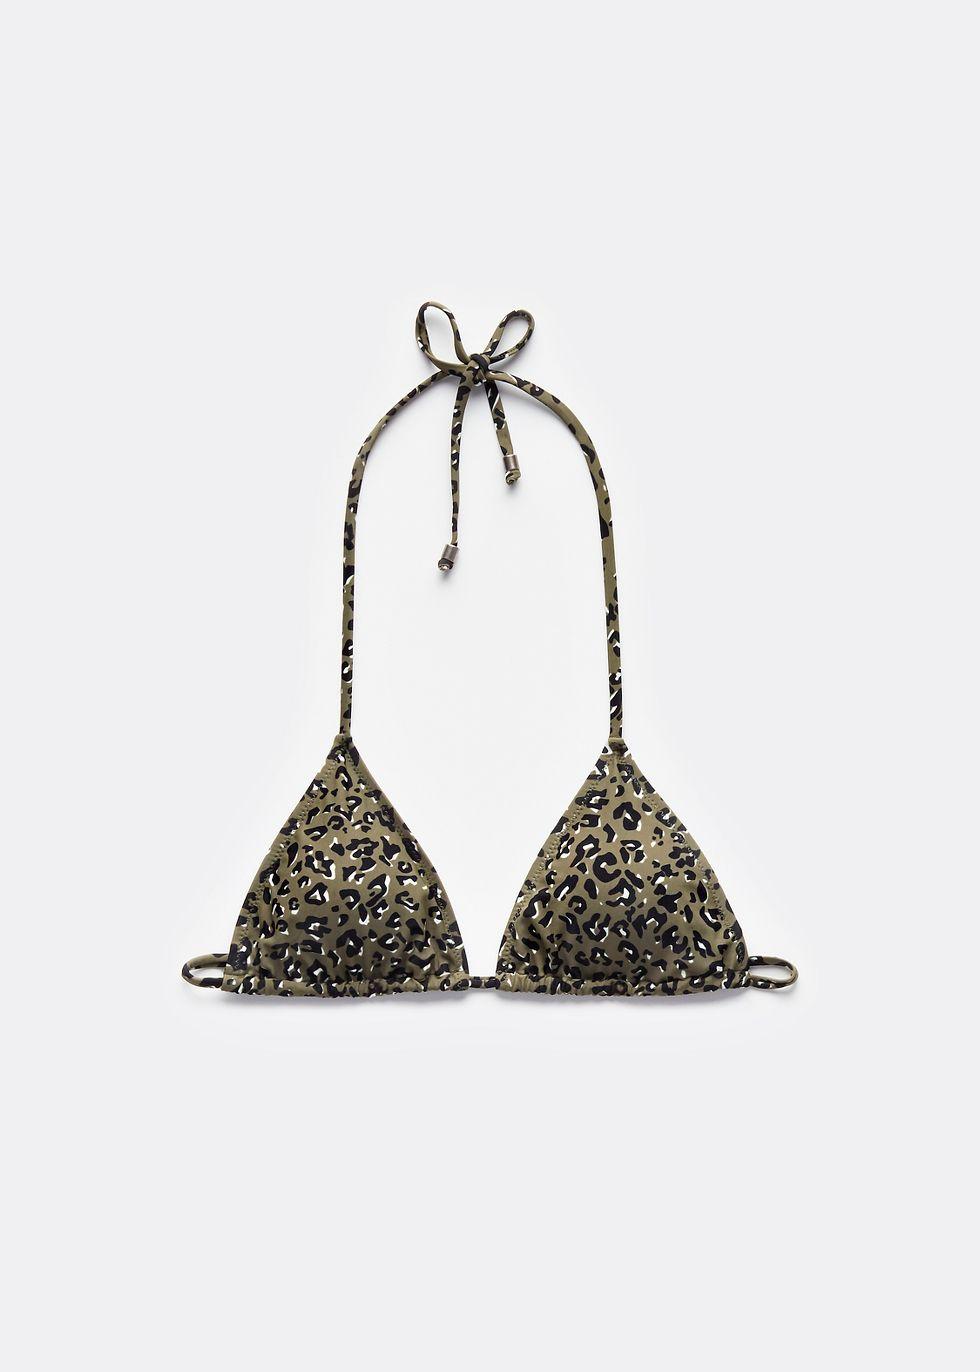 fabriek specifiek aanbod schoeisel Leopard Triangle Bikini Top | The Sting